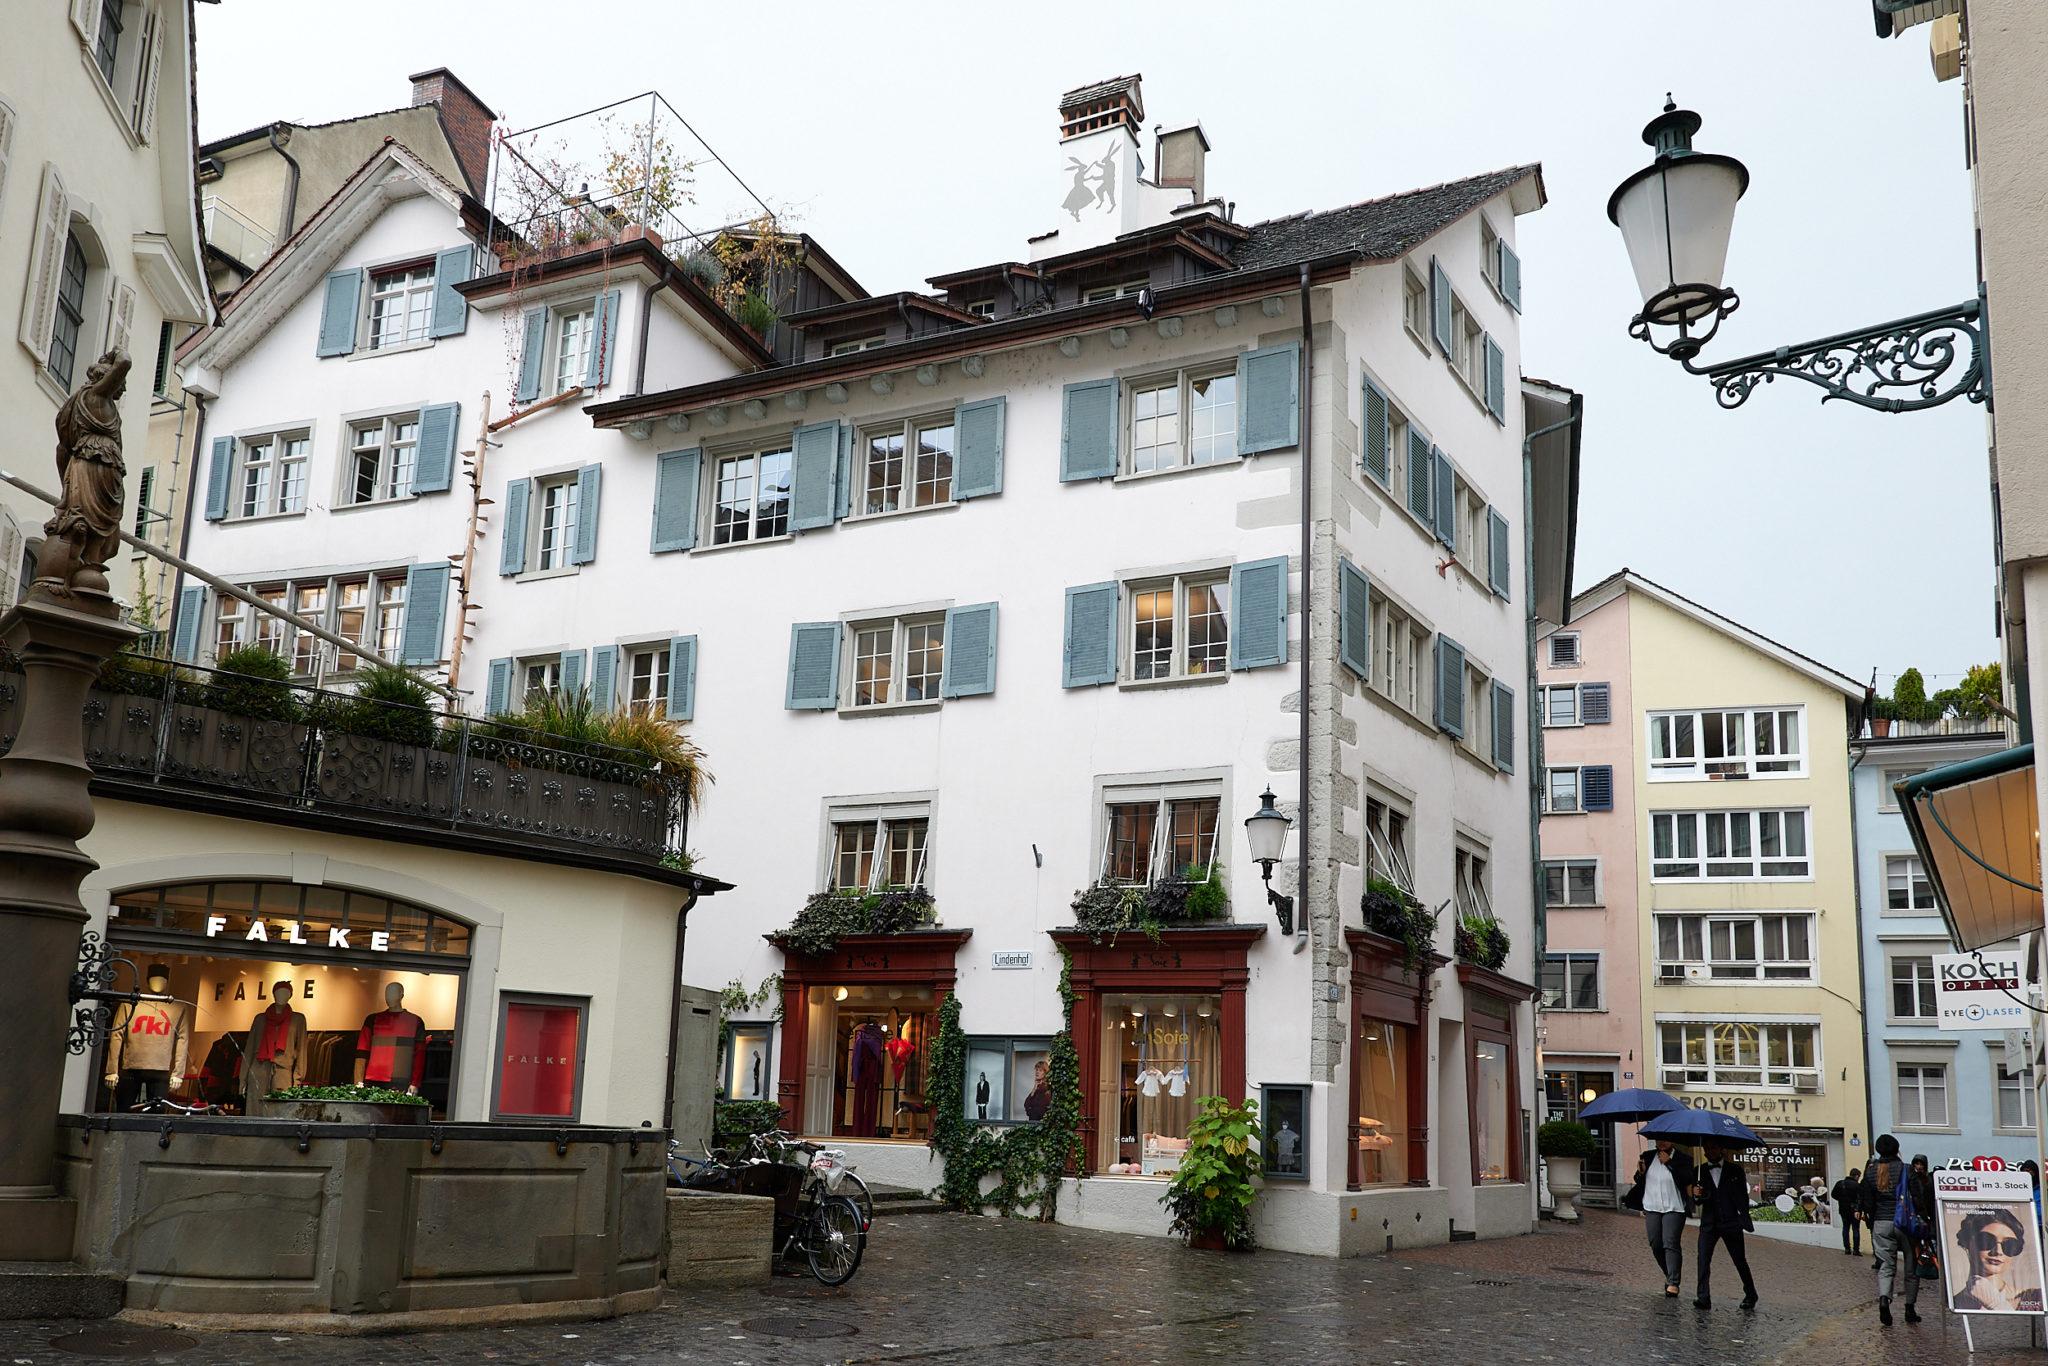 Maison enSoie in Zurich